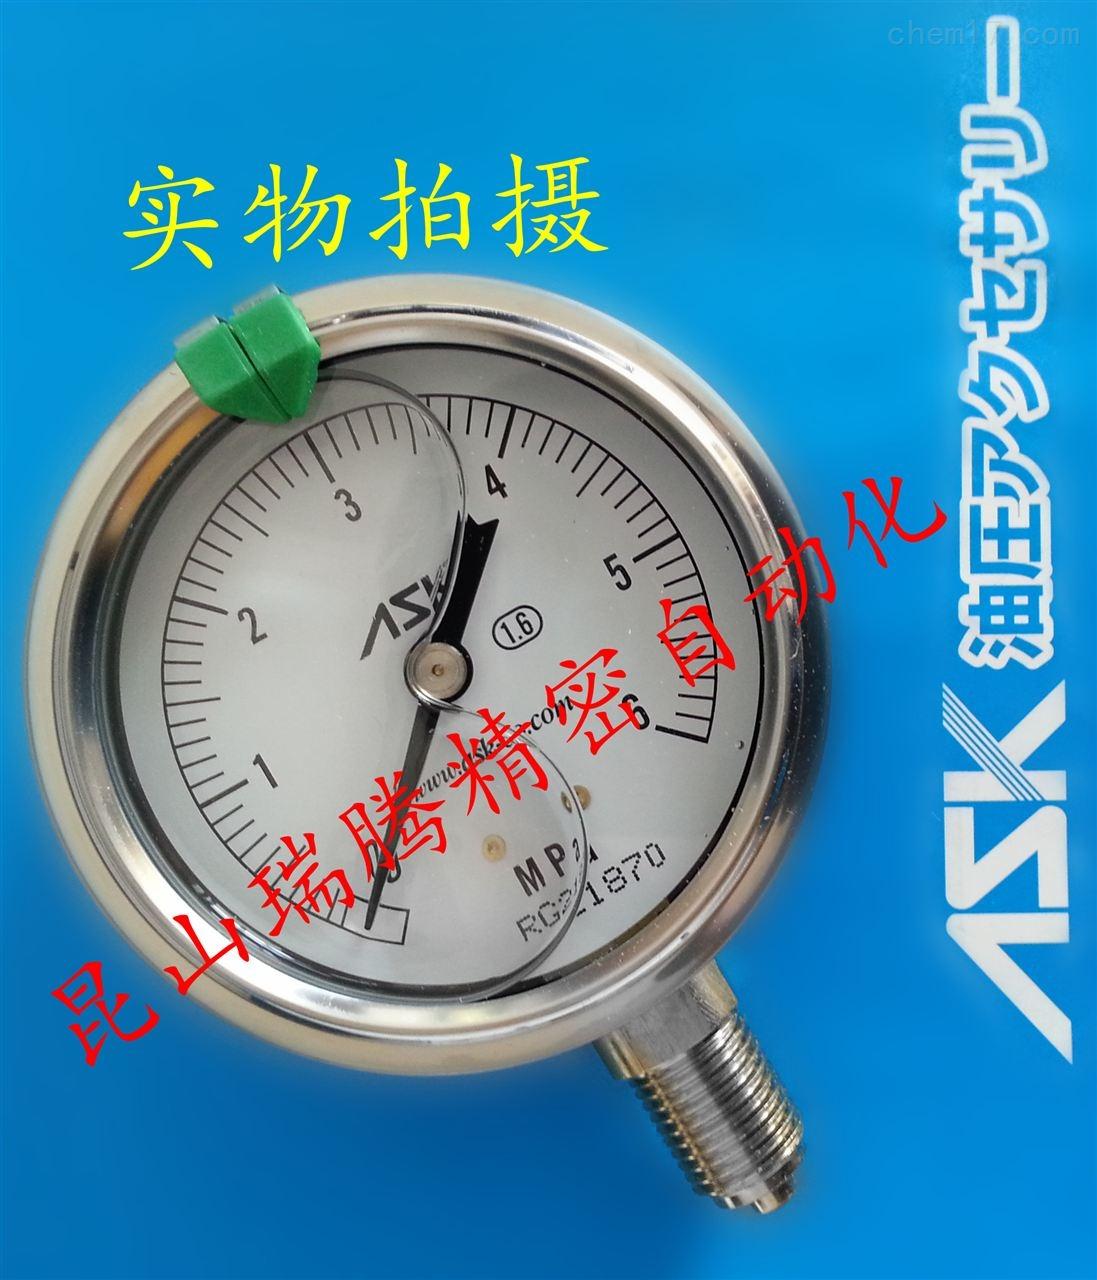 日本ASK压力表pressrue gauge